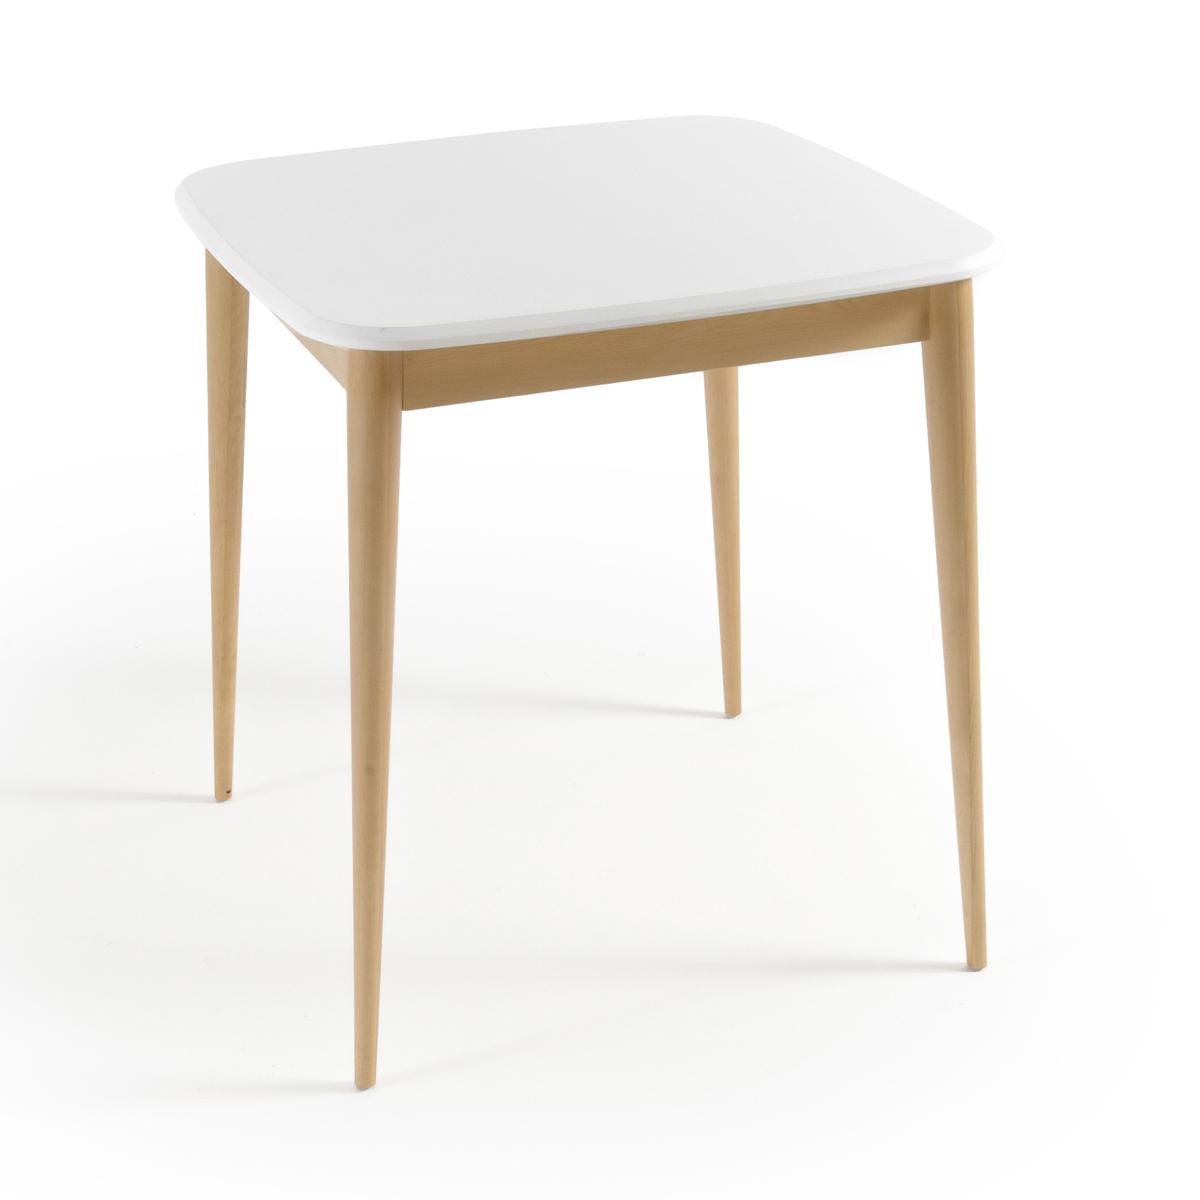 Стол обеденный на 2 персоны, JIMIОбеденный стол на 2 персоны Jimi. Идеальное решение для малогабаритных квартир, стол Jimi в скандинавском стиле формата бистро легко разместит 2 человек в комфортных условиях. Описание стола на 2 персоны Jimi :Столешница со скошенными краями.Пластиковые накладки на ножки..Характеристики стола на 2 персоны Jimi :Ножки и планка вокруг ножек из массива березы с лаковой нитроцеллюлозной отделкой.Столешница из МДФ с белым лаковым покрытием и лаковой полиуретановой отделкой.Для лучшего сохранения внешнего вида столешницы вашего стола мы рекомендуем не допускать ударов, которые могут вызвать появление микроцарапин. Настоятельно рекомендуем использовать подставки под тарелки и стаканы.Всю коллекцию Jimi вы можете найти на сайте laredoute.ru.Размеры стола Jimi :ОбщиеШирина : 70 смВысота : 75 смГлубина : 70 смРазмеры и вес ящика :1 упаковка Ш.83 x В.14 x Г.80,5 см14 кгДоставка на дом :Стол на 2 персоны Jimi продается готовым к сборке . Доставка осуществляется до квартиры  по предварительному согласовани!Внимание ! Убедитесь, что дверные, лестничные и лифтовые проемы позволяют осущетвить доставку коробки таких габаритов.<br><br>Цвет: белый